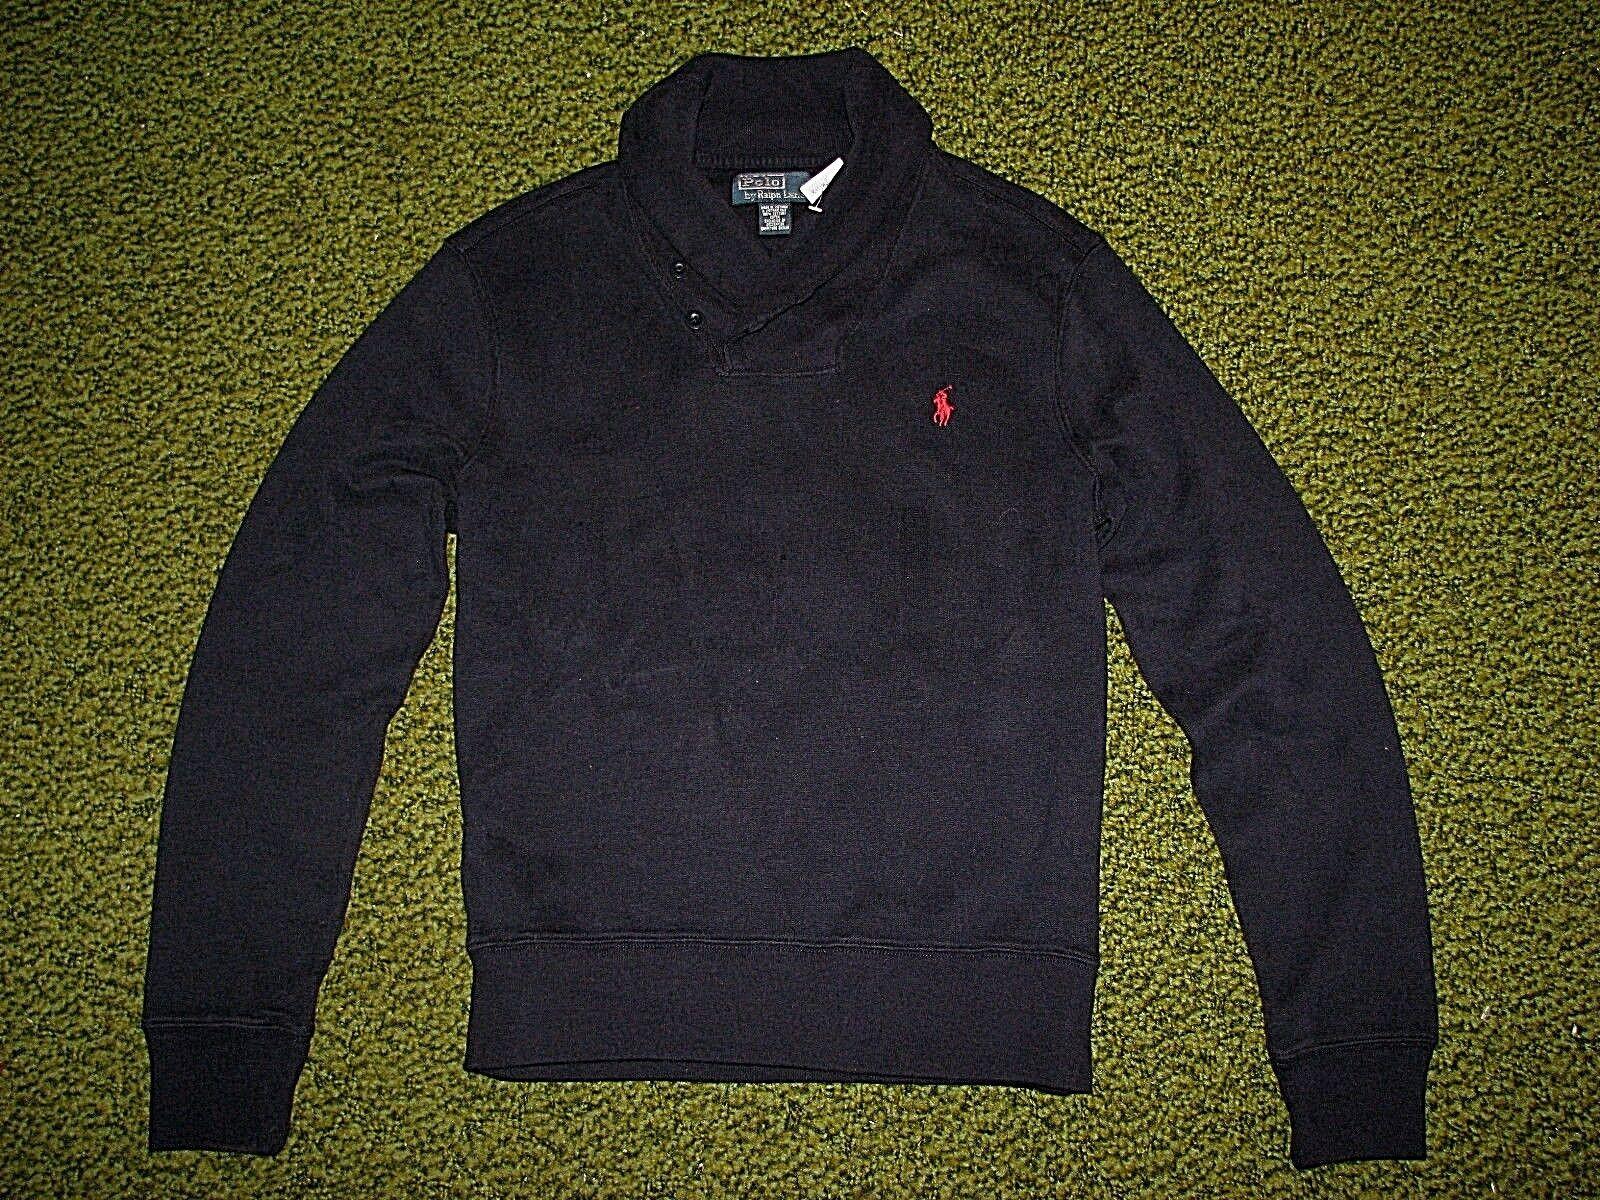 Herren S Polo Ralph Lauren Marineblau Schalkragen Fleece Sweatshirt